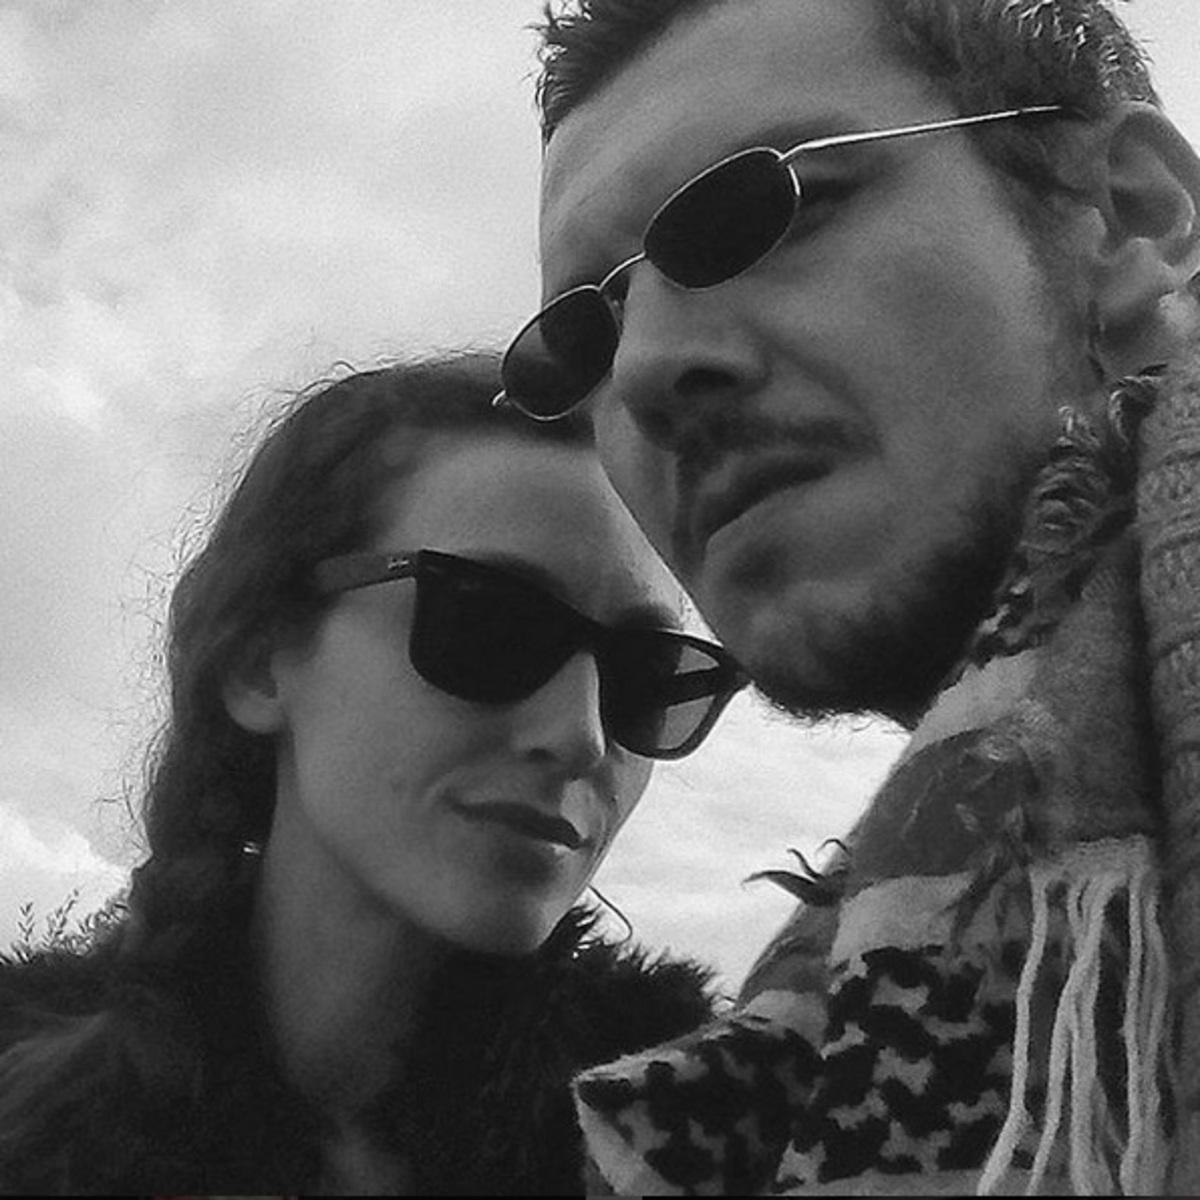 Ιωάννης Παπαζήσης – Βανέσσα Αδαμοπούλου: Μας δείχνουν για πρώτη φορά τον γιο τους Jason!   Newsit.gr